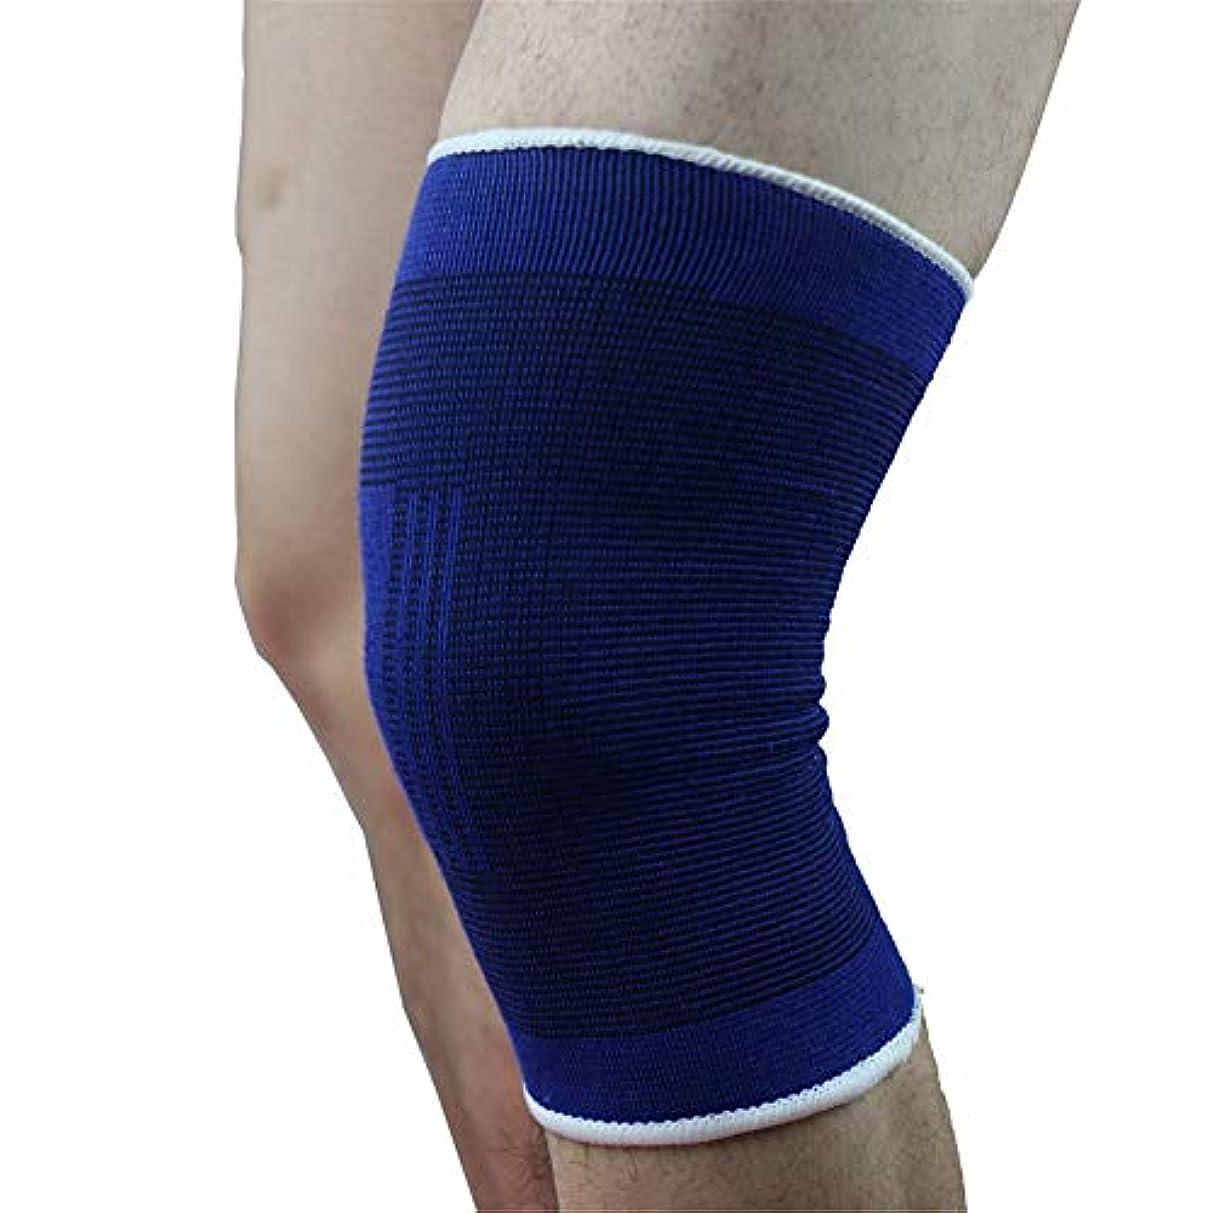 関与する編集者ハッピー膝プロテクター 一対のニットニーパッド、夏用汗吸収性 極薄スポーツニーパッド バイク 膝をつくお仕事にも最適